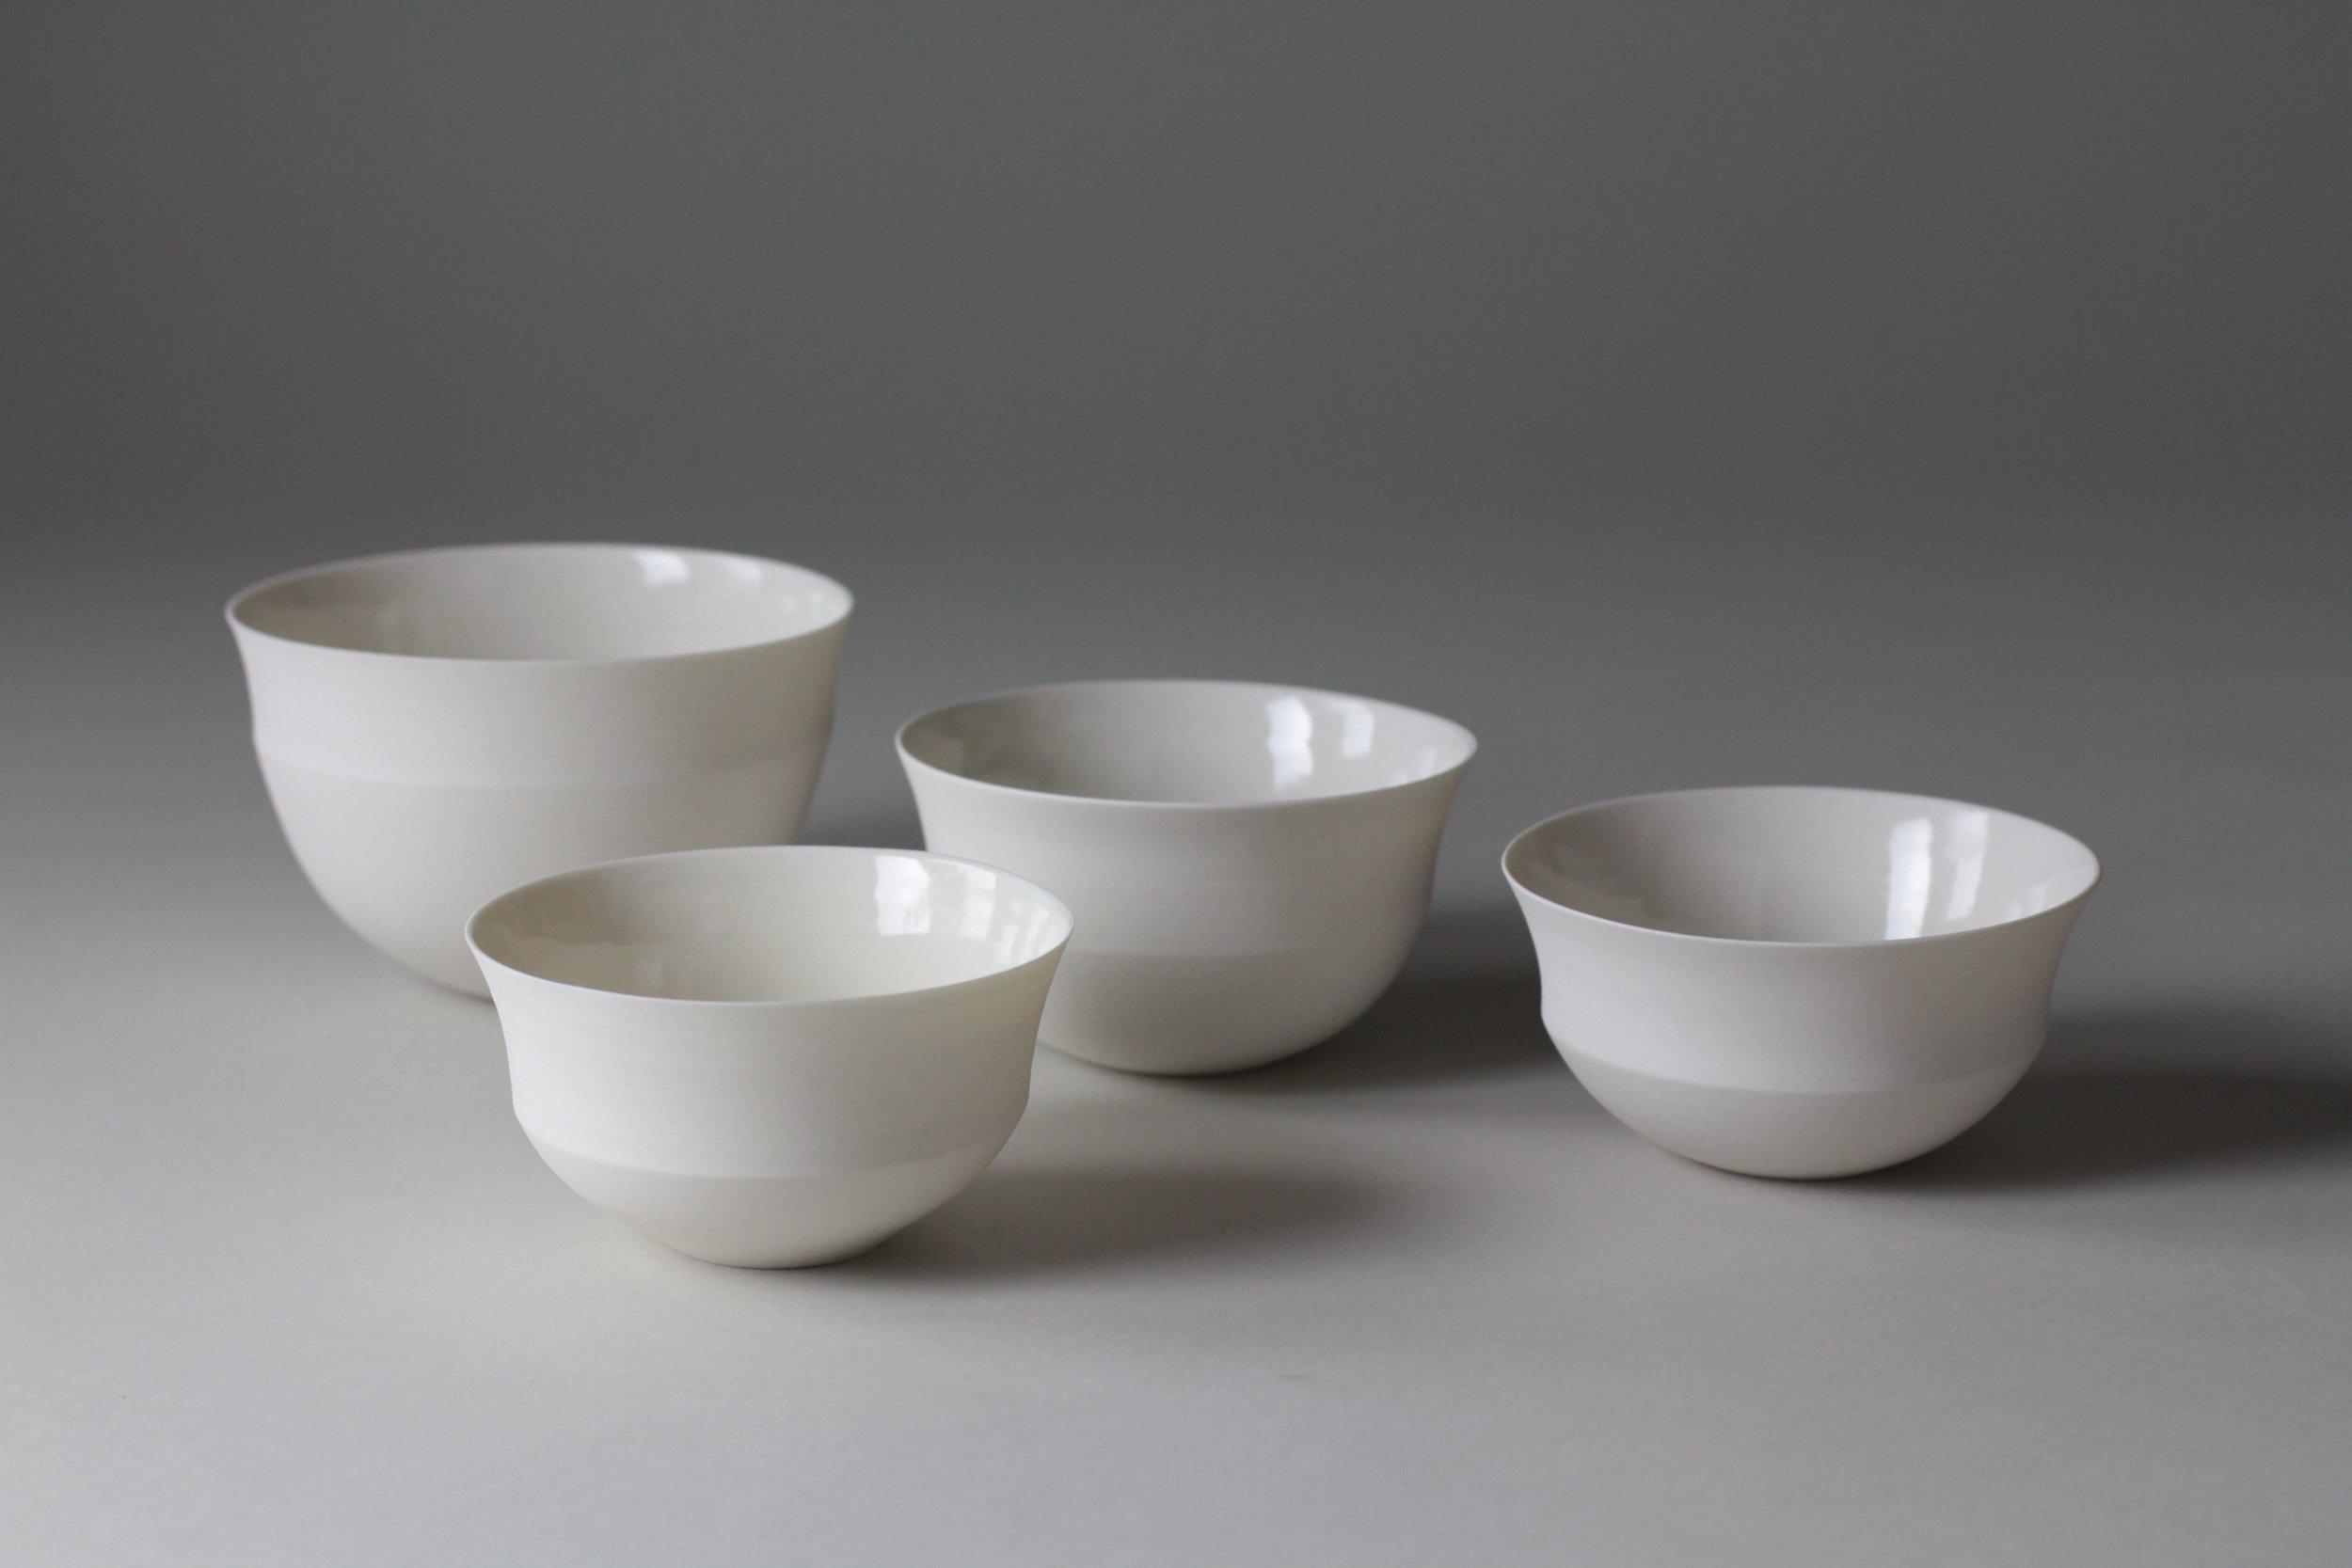 Ceramic bowls by Lilith Rockett, Portland, Oregon